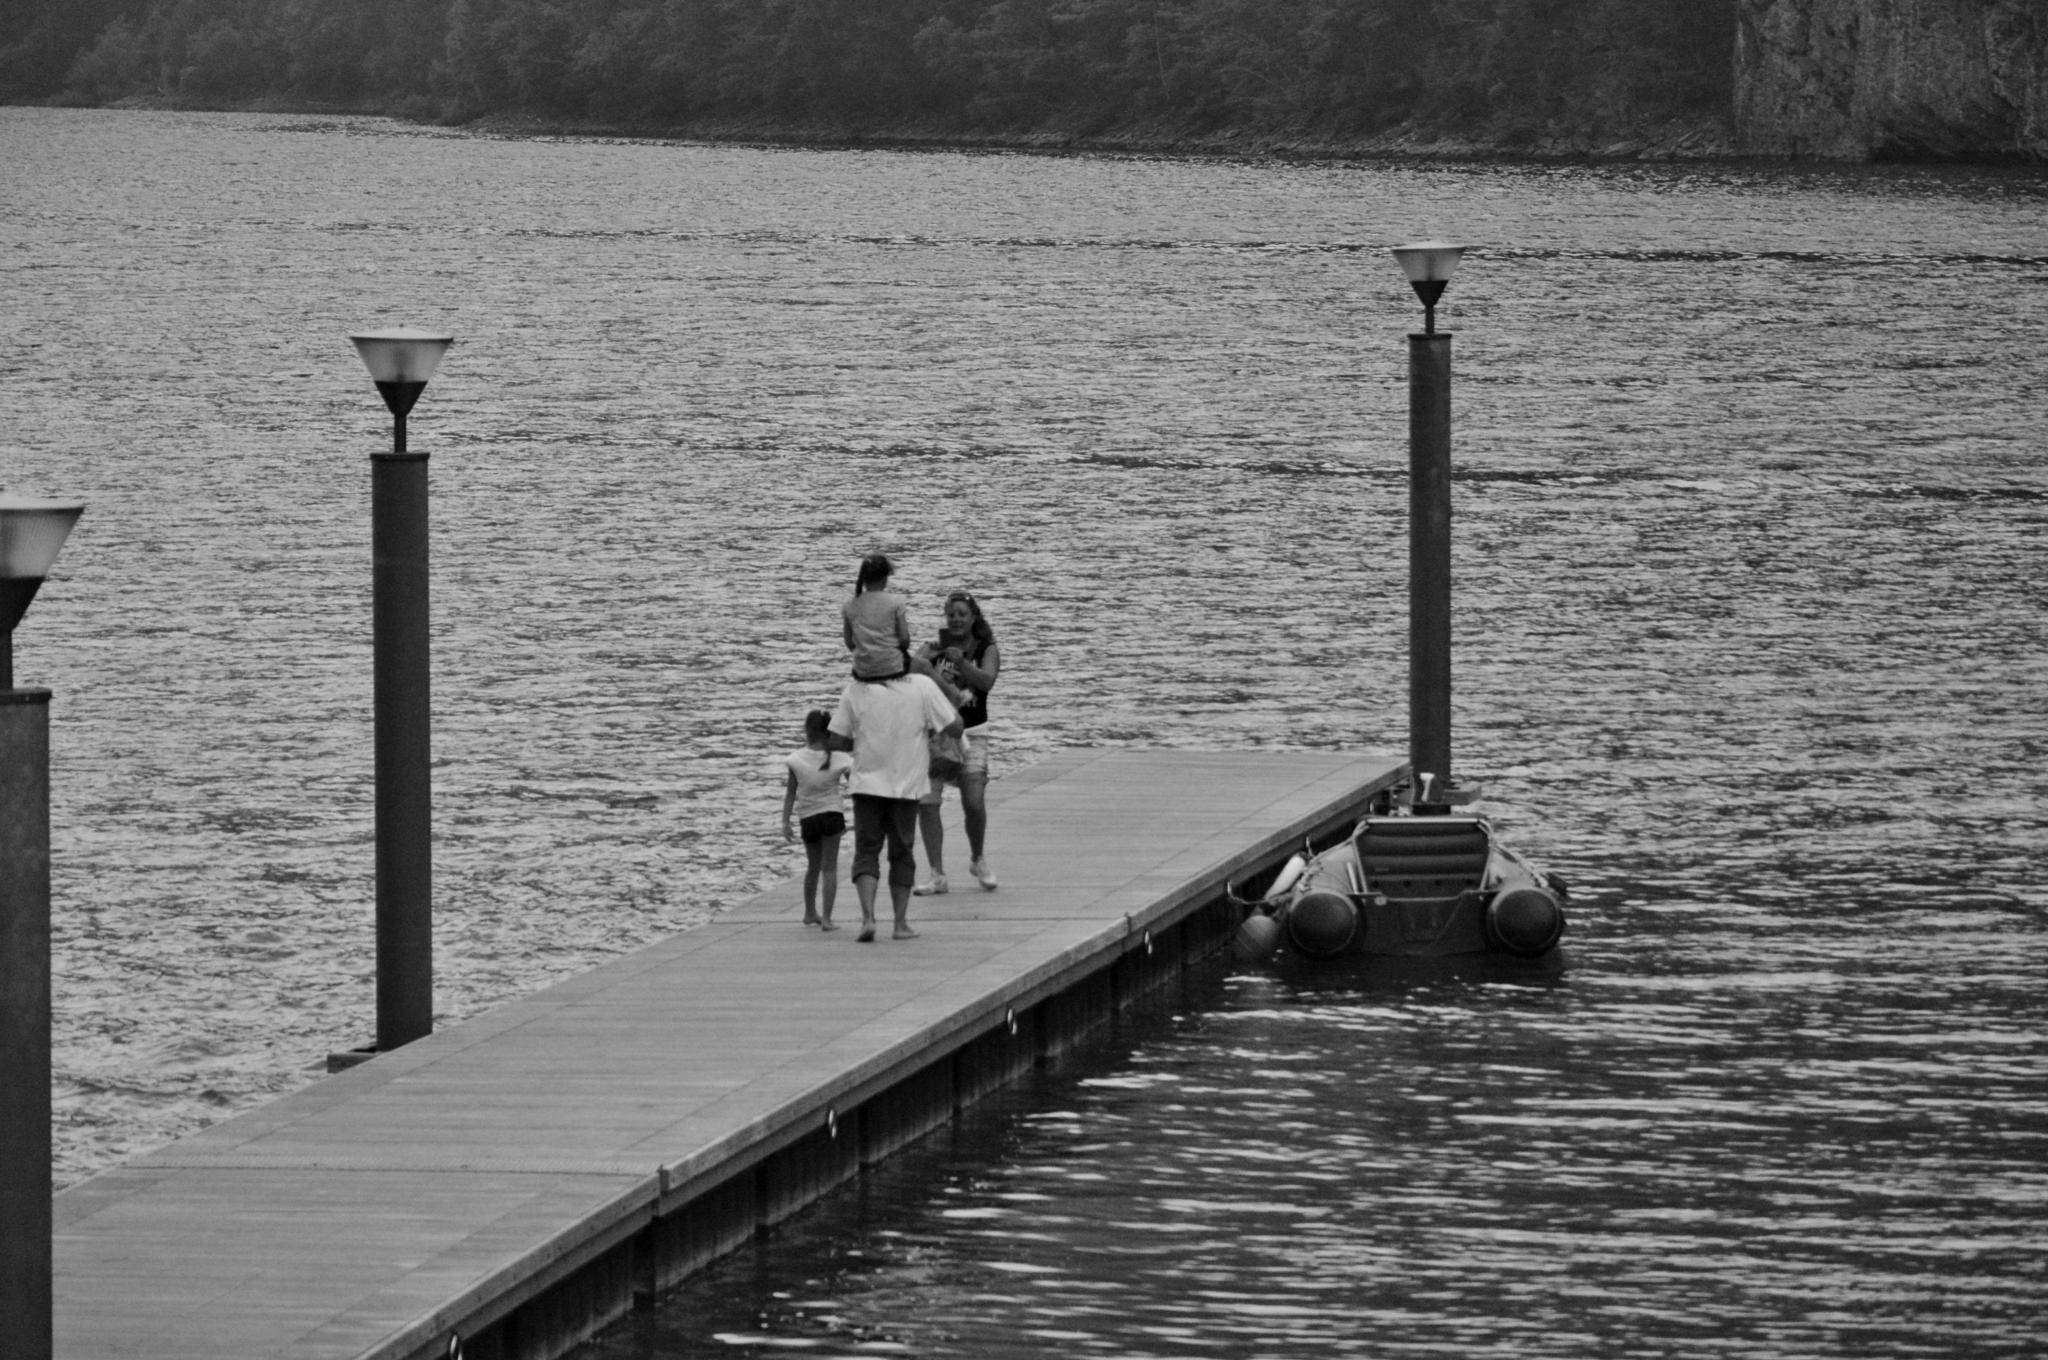 un giorno al lago by lorena.rinaudo.9